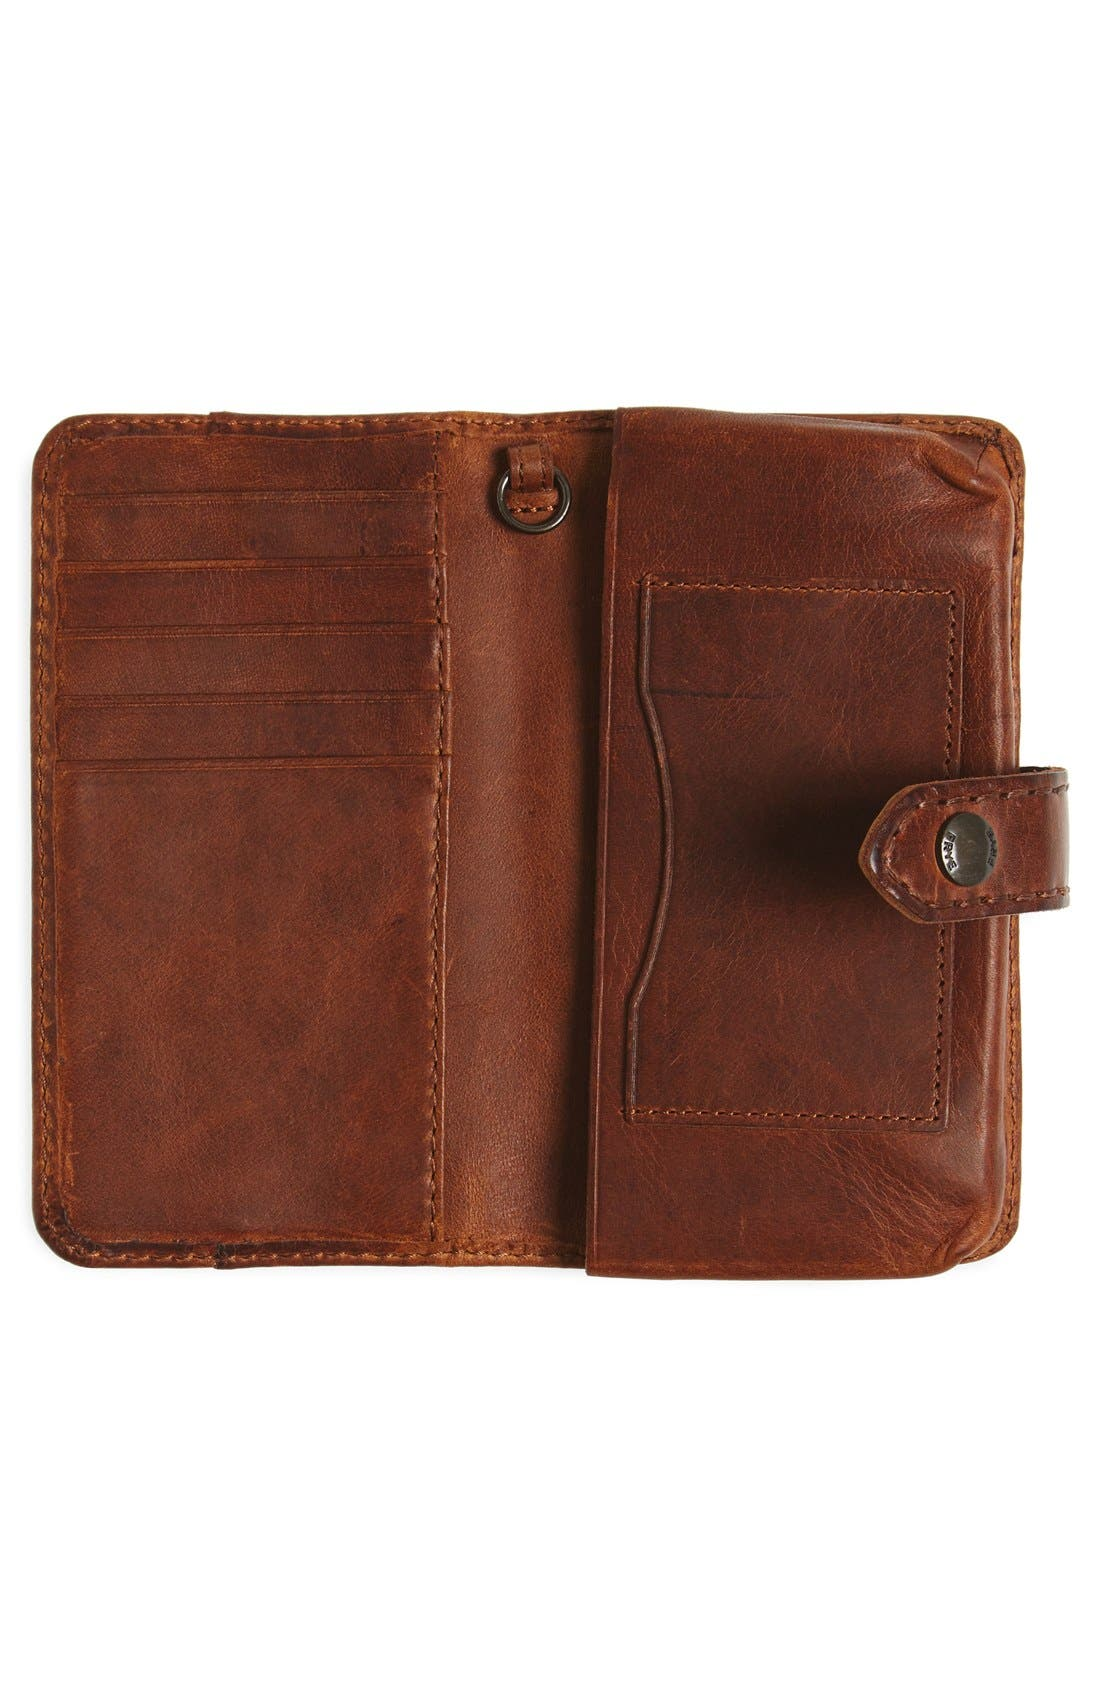 'Melissa' Leather Phone Wallet,                             Alternate thumbnail 4, color,                             Cognac